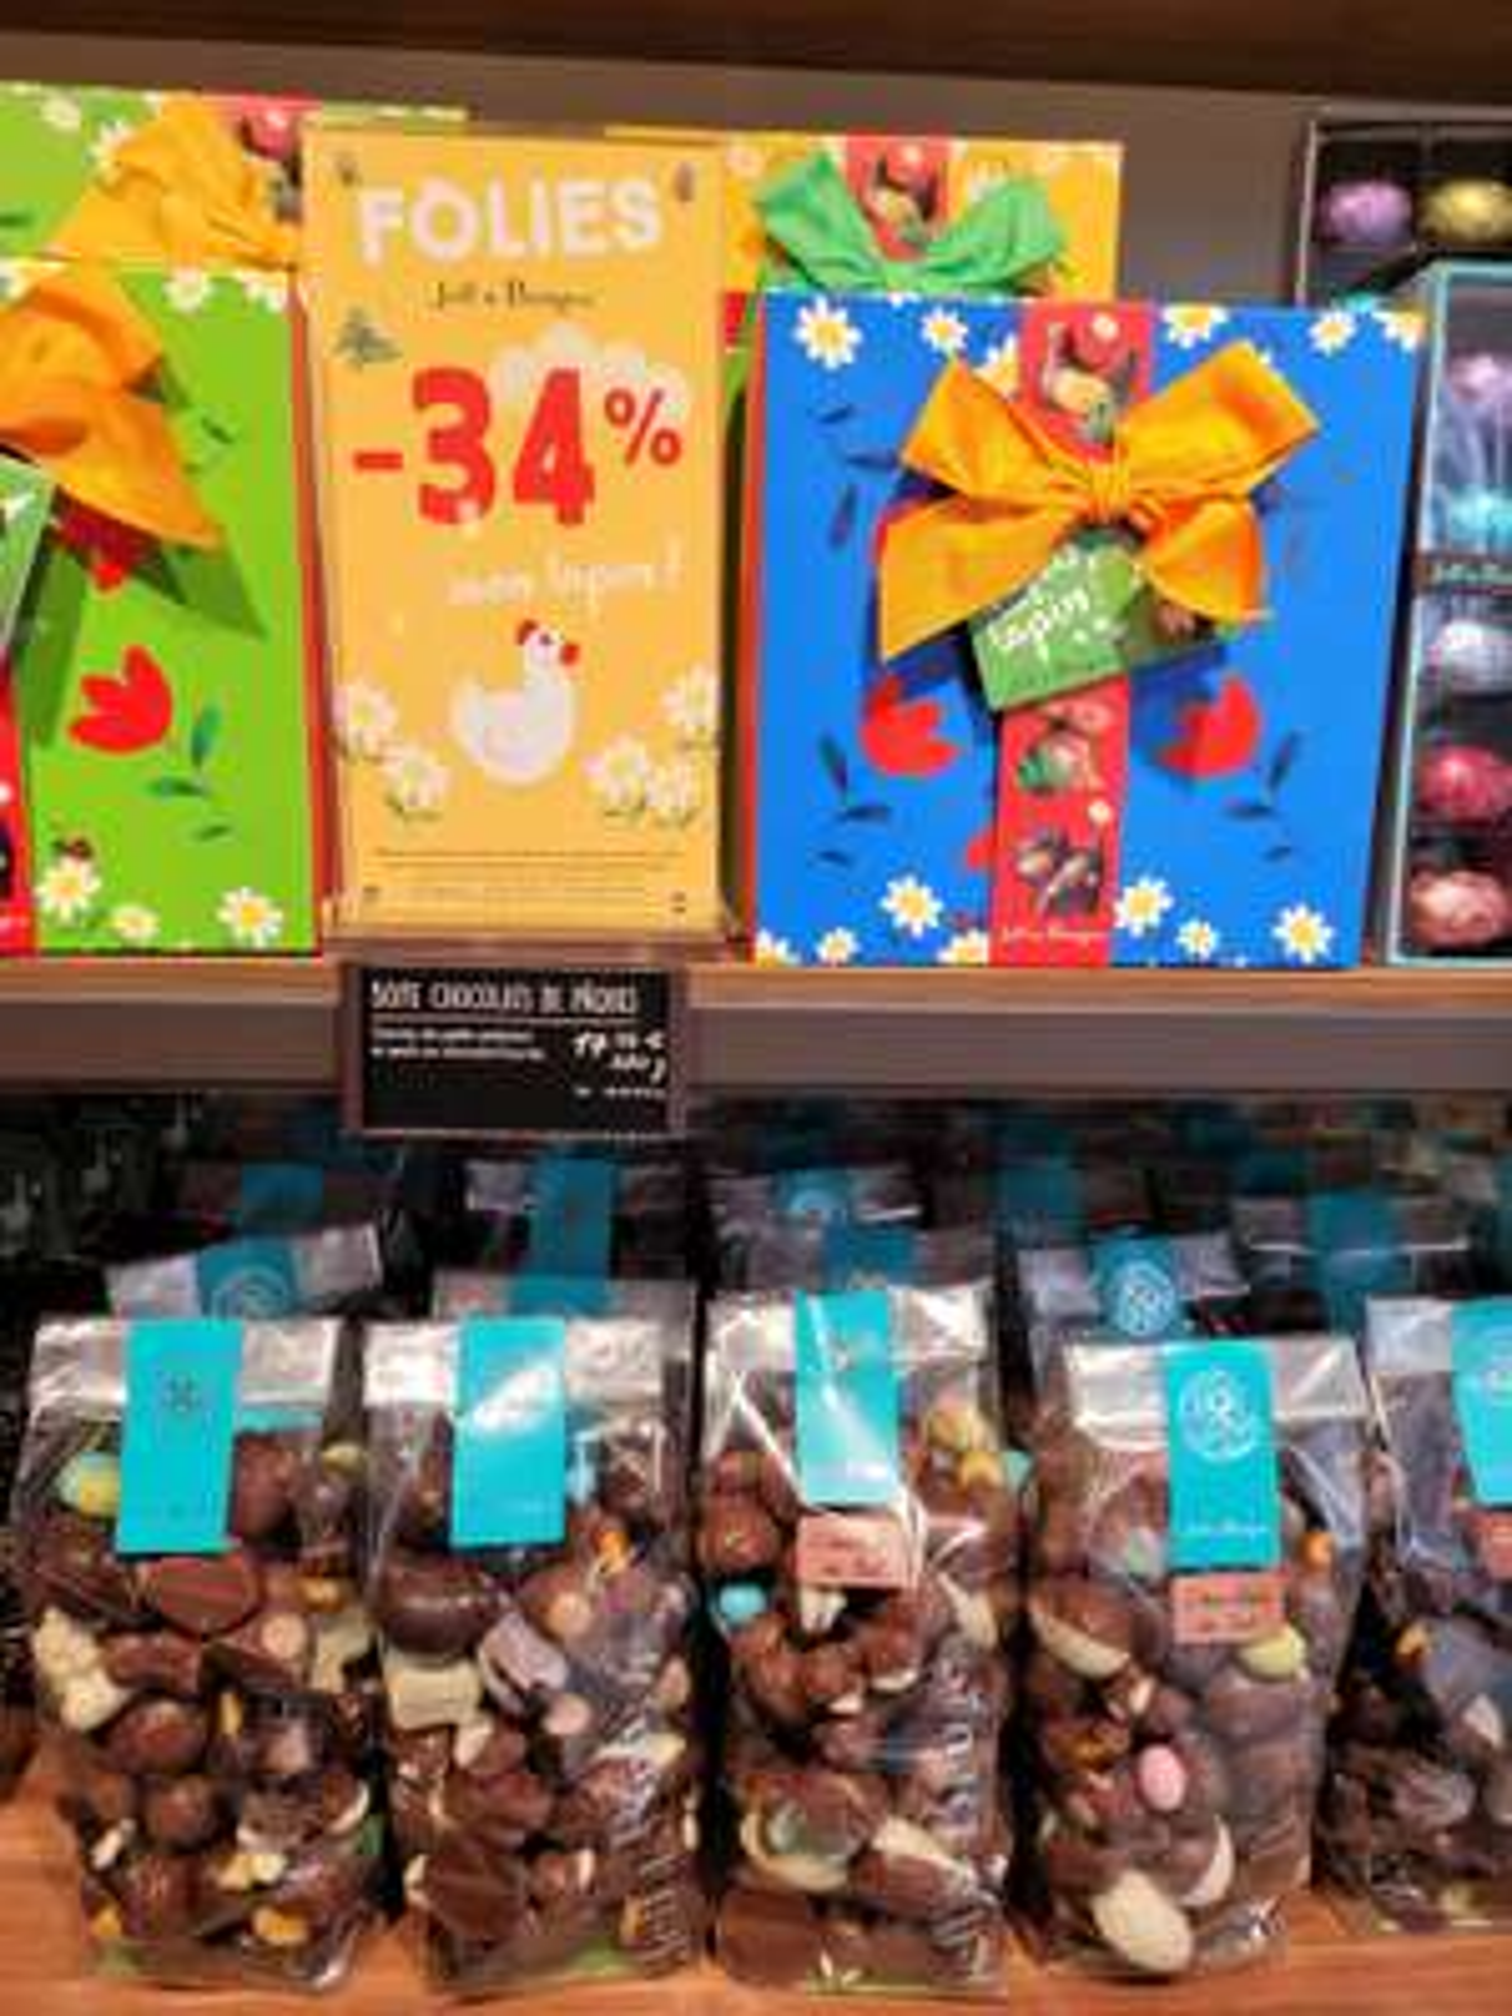 34% de réduction immédiate sur les chocolats de Pâques Jeff de Bruges - Ex : Sachet animaux (290g)